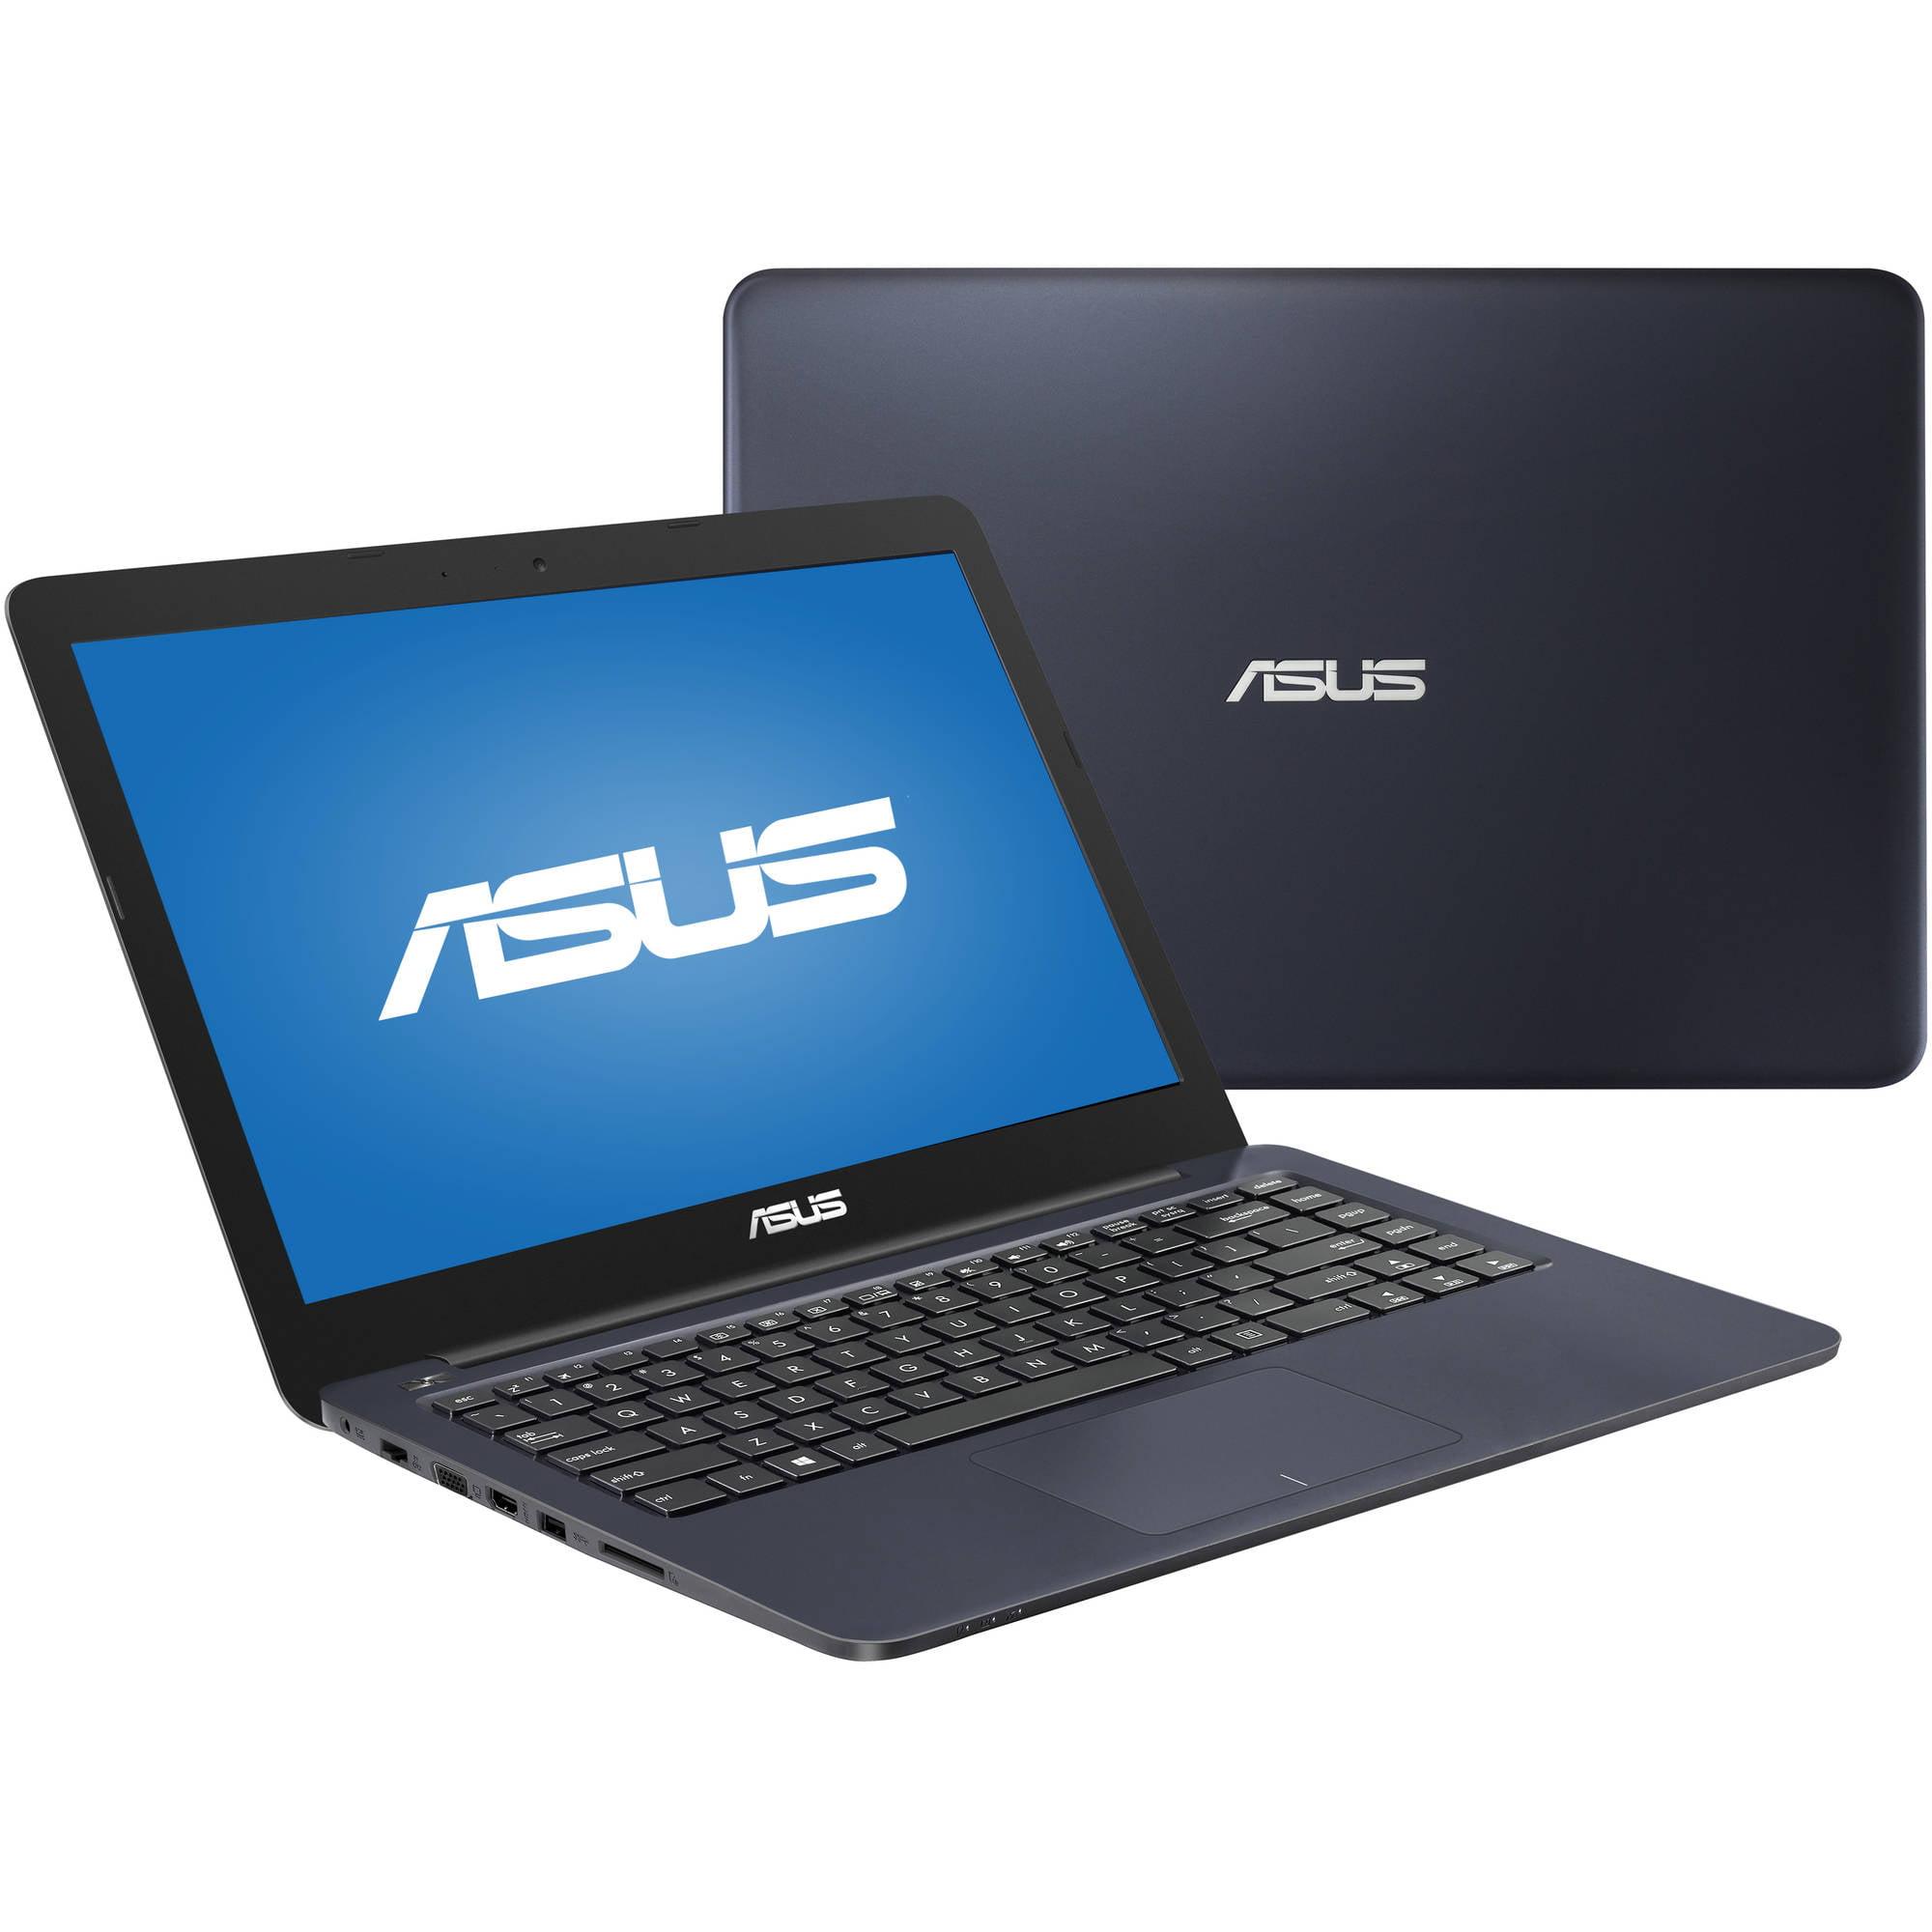 """ASUS Dark Blue 14"""" EeeBook Laptop PC with Intel Celeron N3060 Dual-Core Processor, 4GB Memory, 32GB eMMC Flash... by ASUS"""